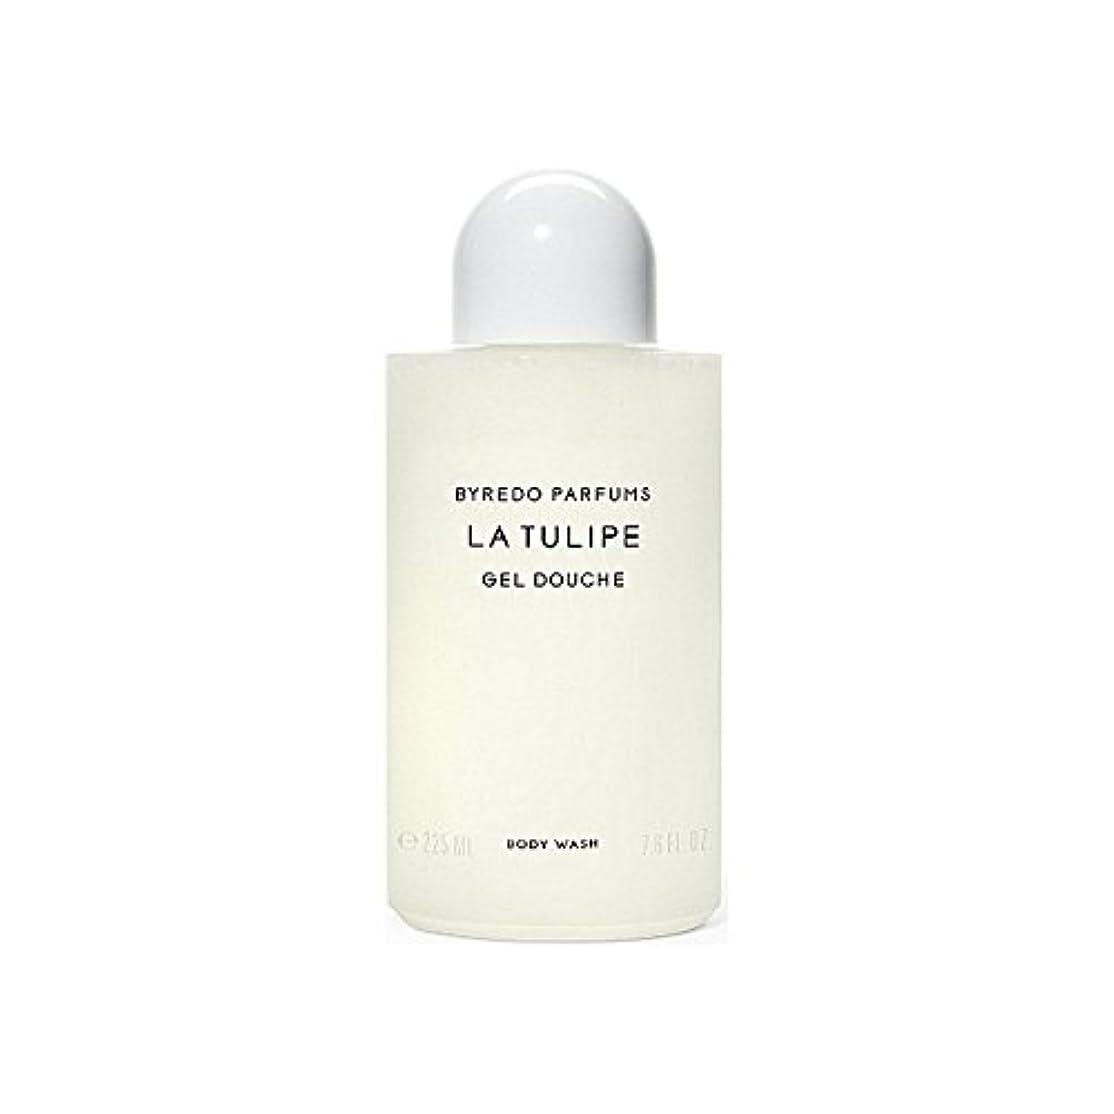 好色なアトミックかまどByredo La Tulipe Body Wash 225ml - ラチューリップボディウォッシュ225ミリリットル [並行輸入品]